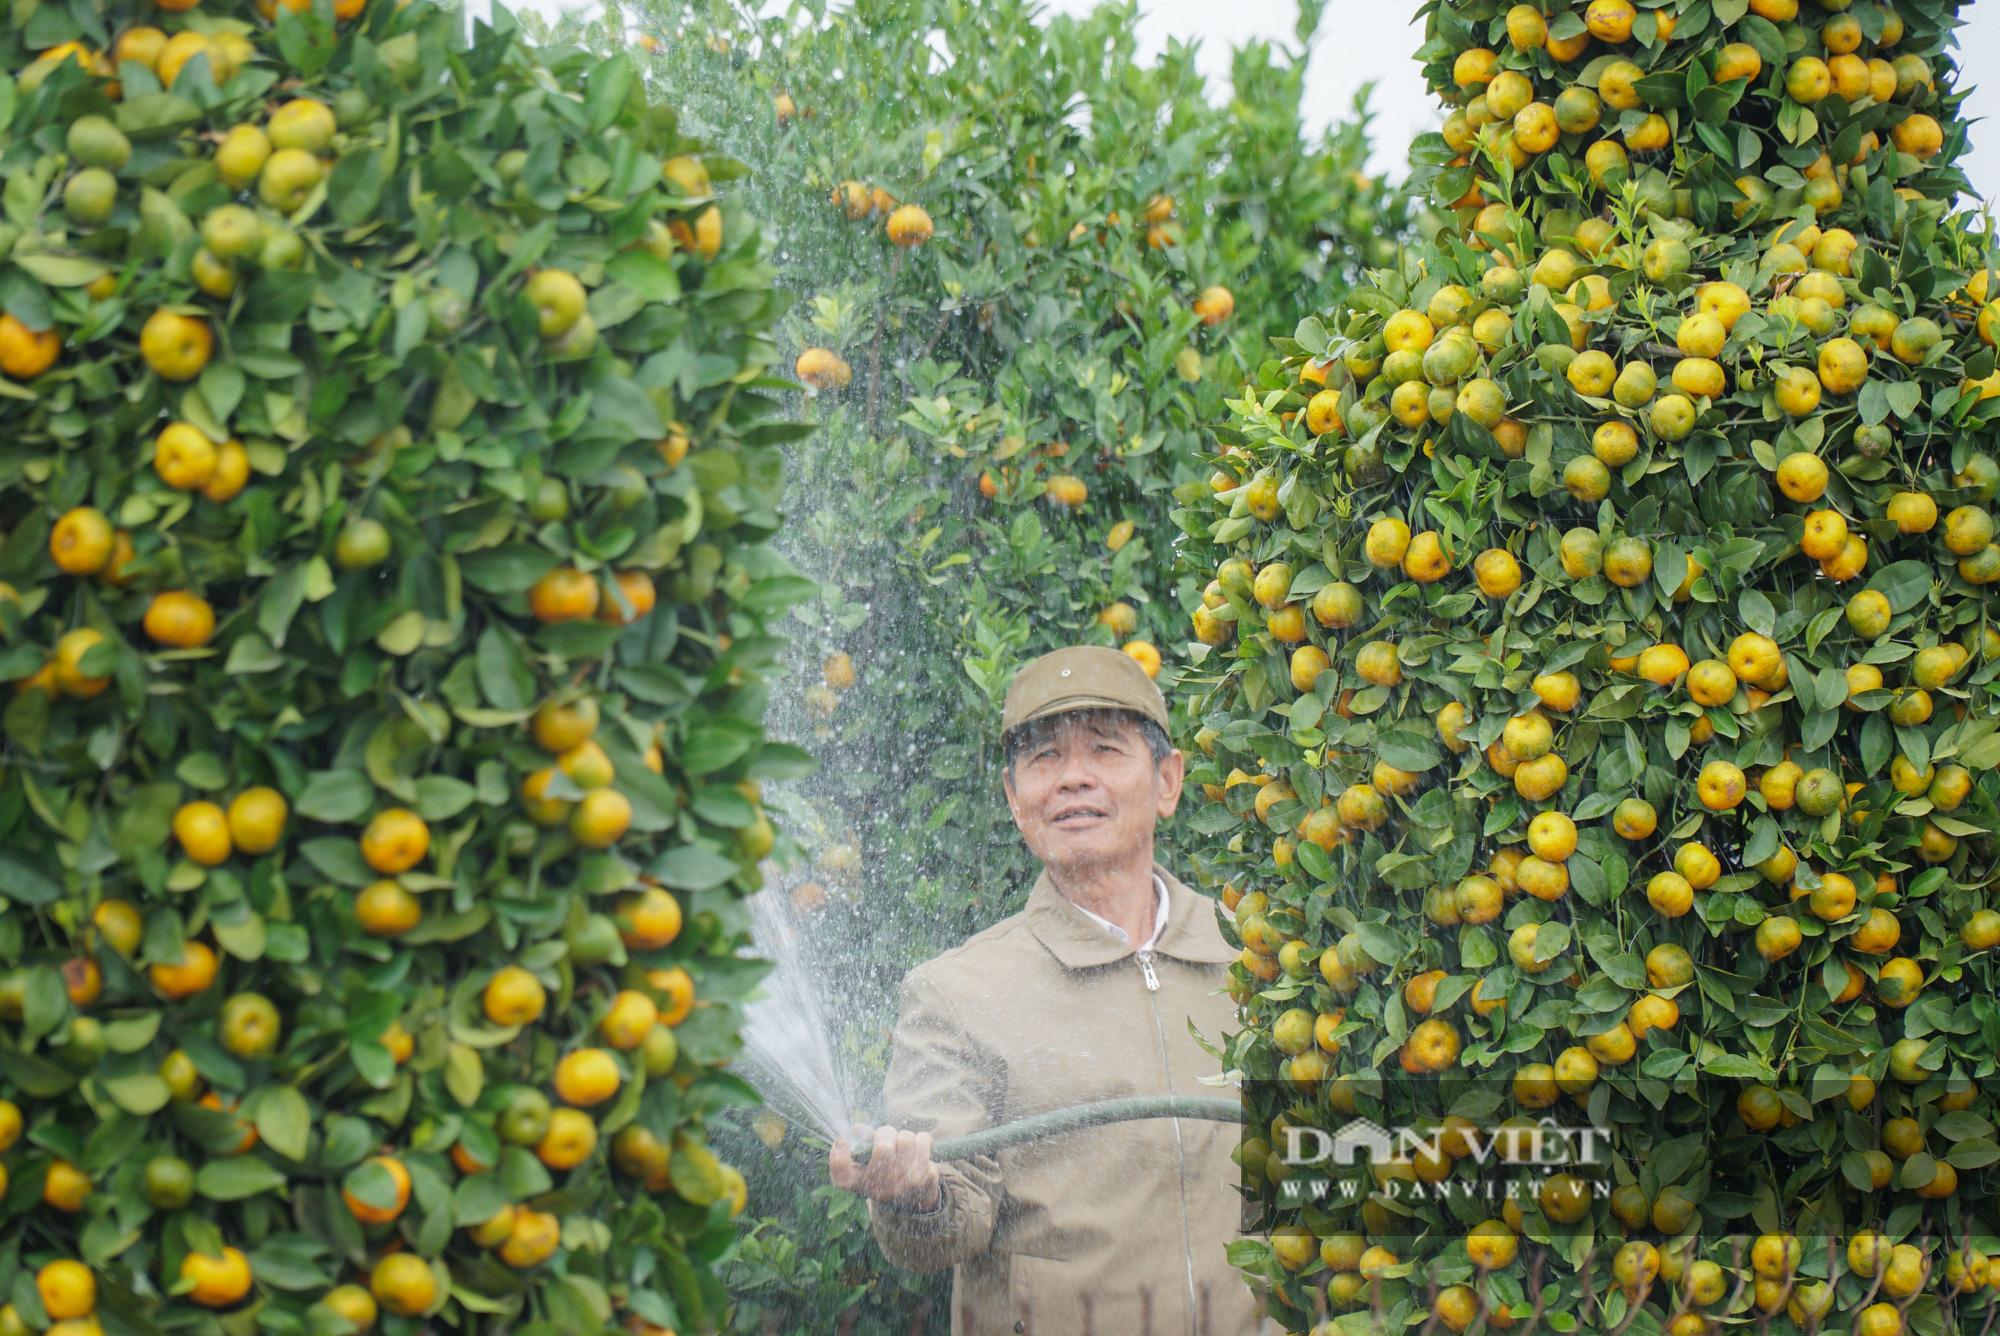 Quýt cảnh giảm giá sâu người trồng ngậm ngùi chịu lỗ - Ảnh 8.